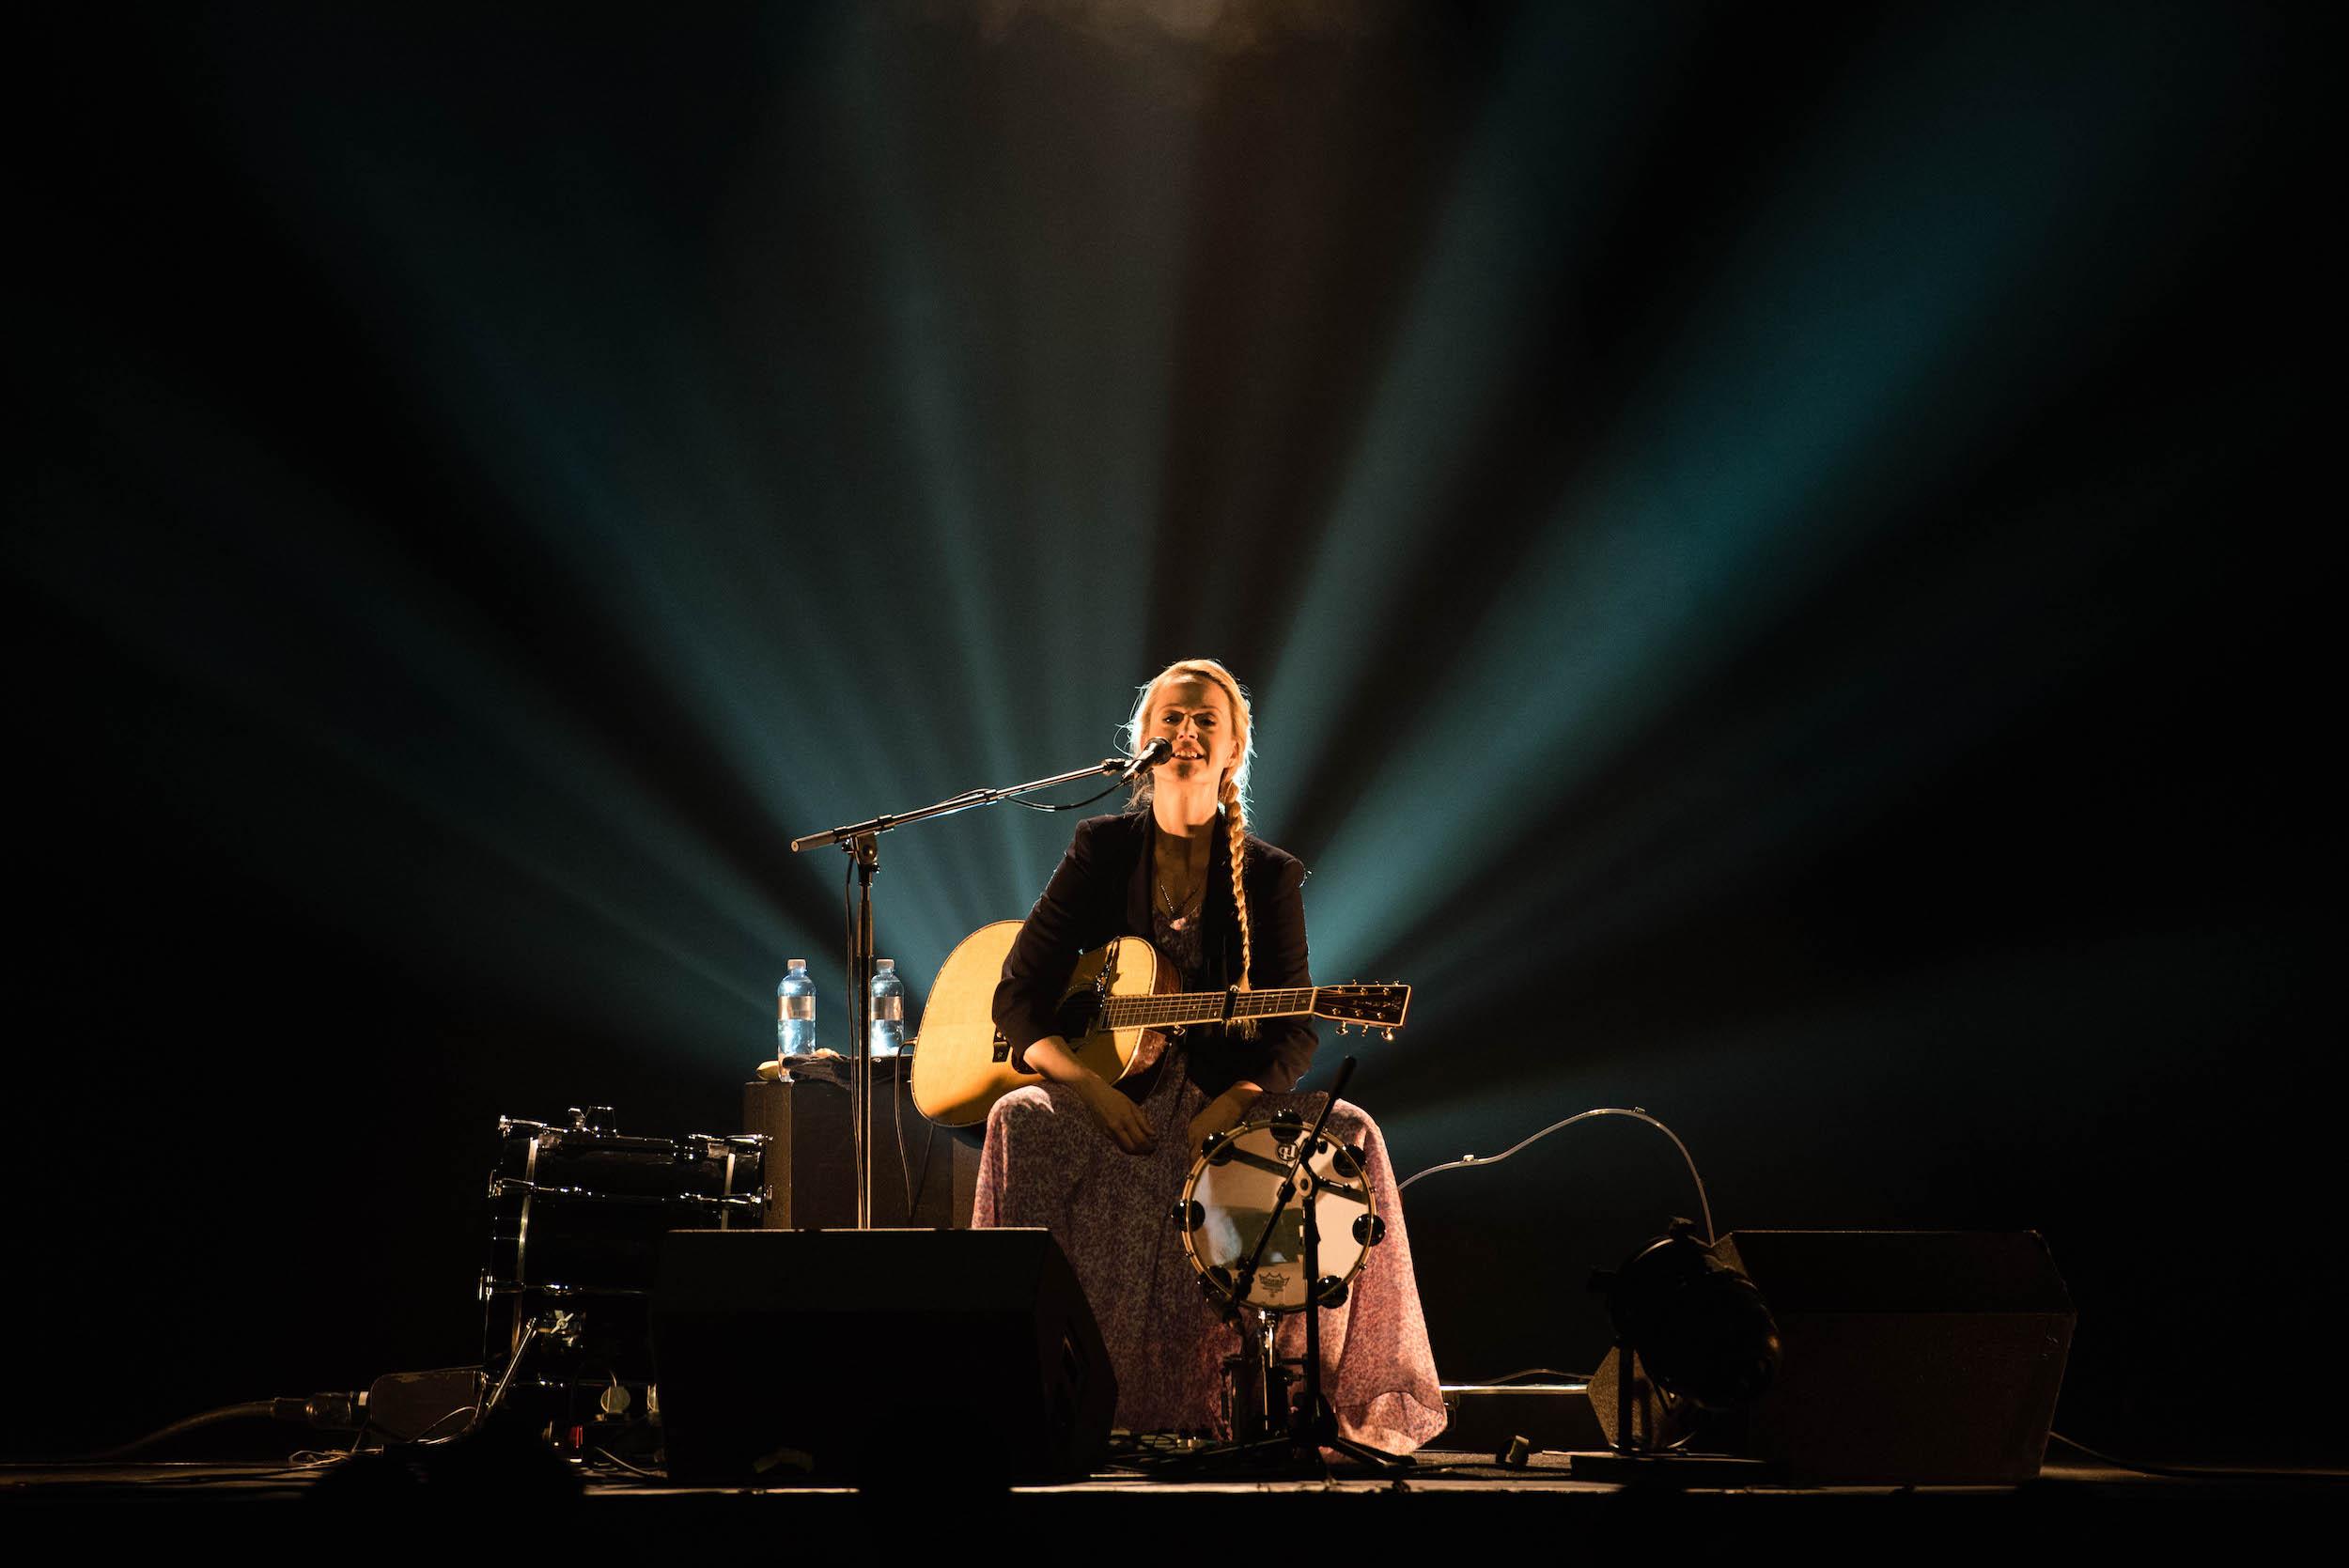 Kein Weihnachtsengel, sondern die dänische Songwriterin Tina Dico.